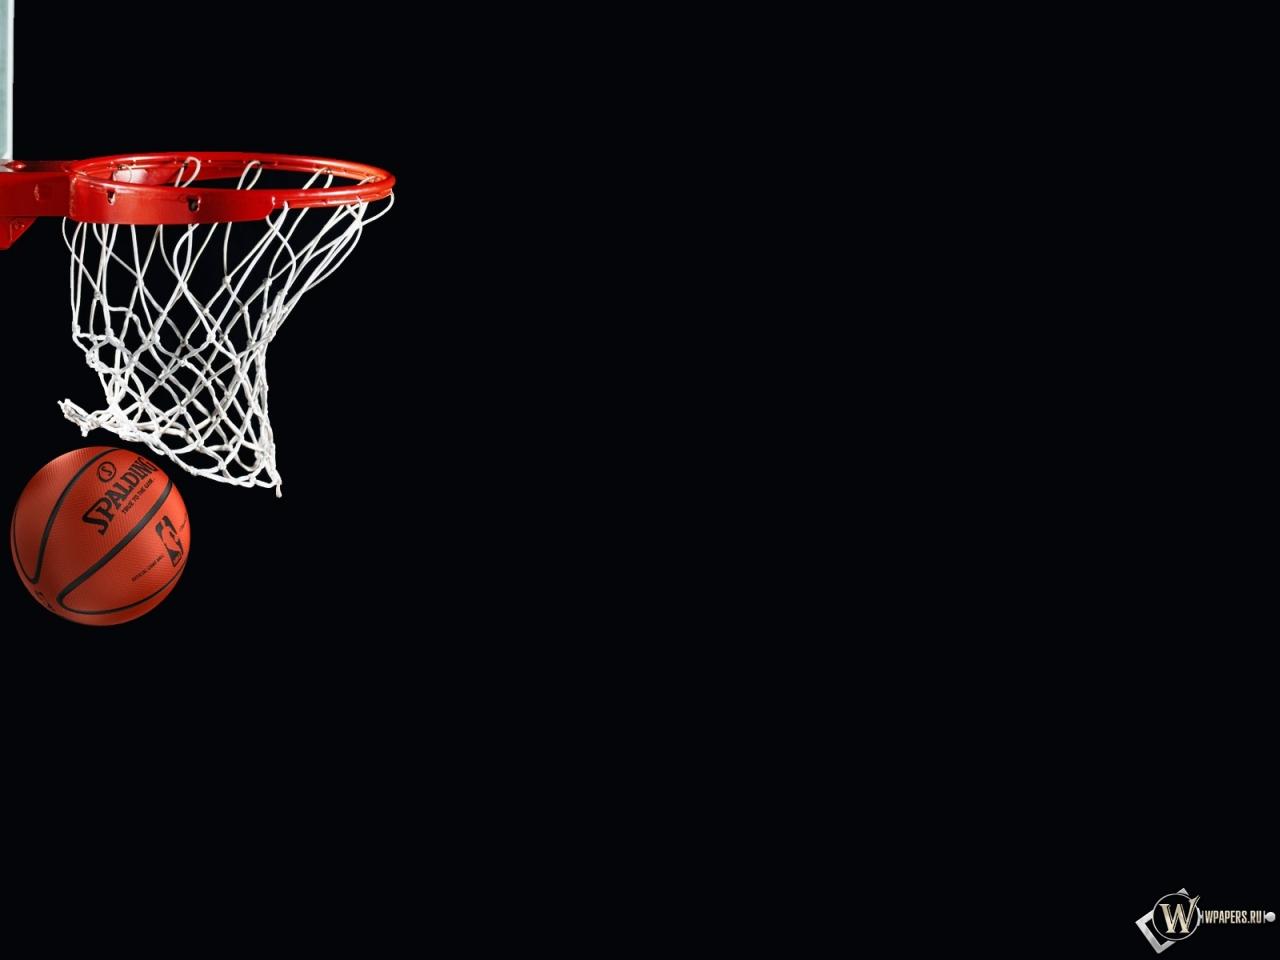 Мяч и корзина 1280x960